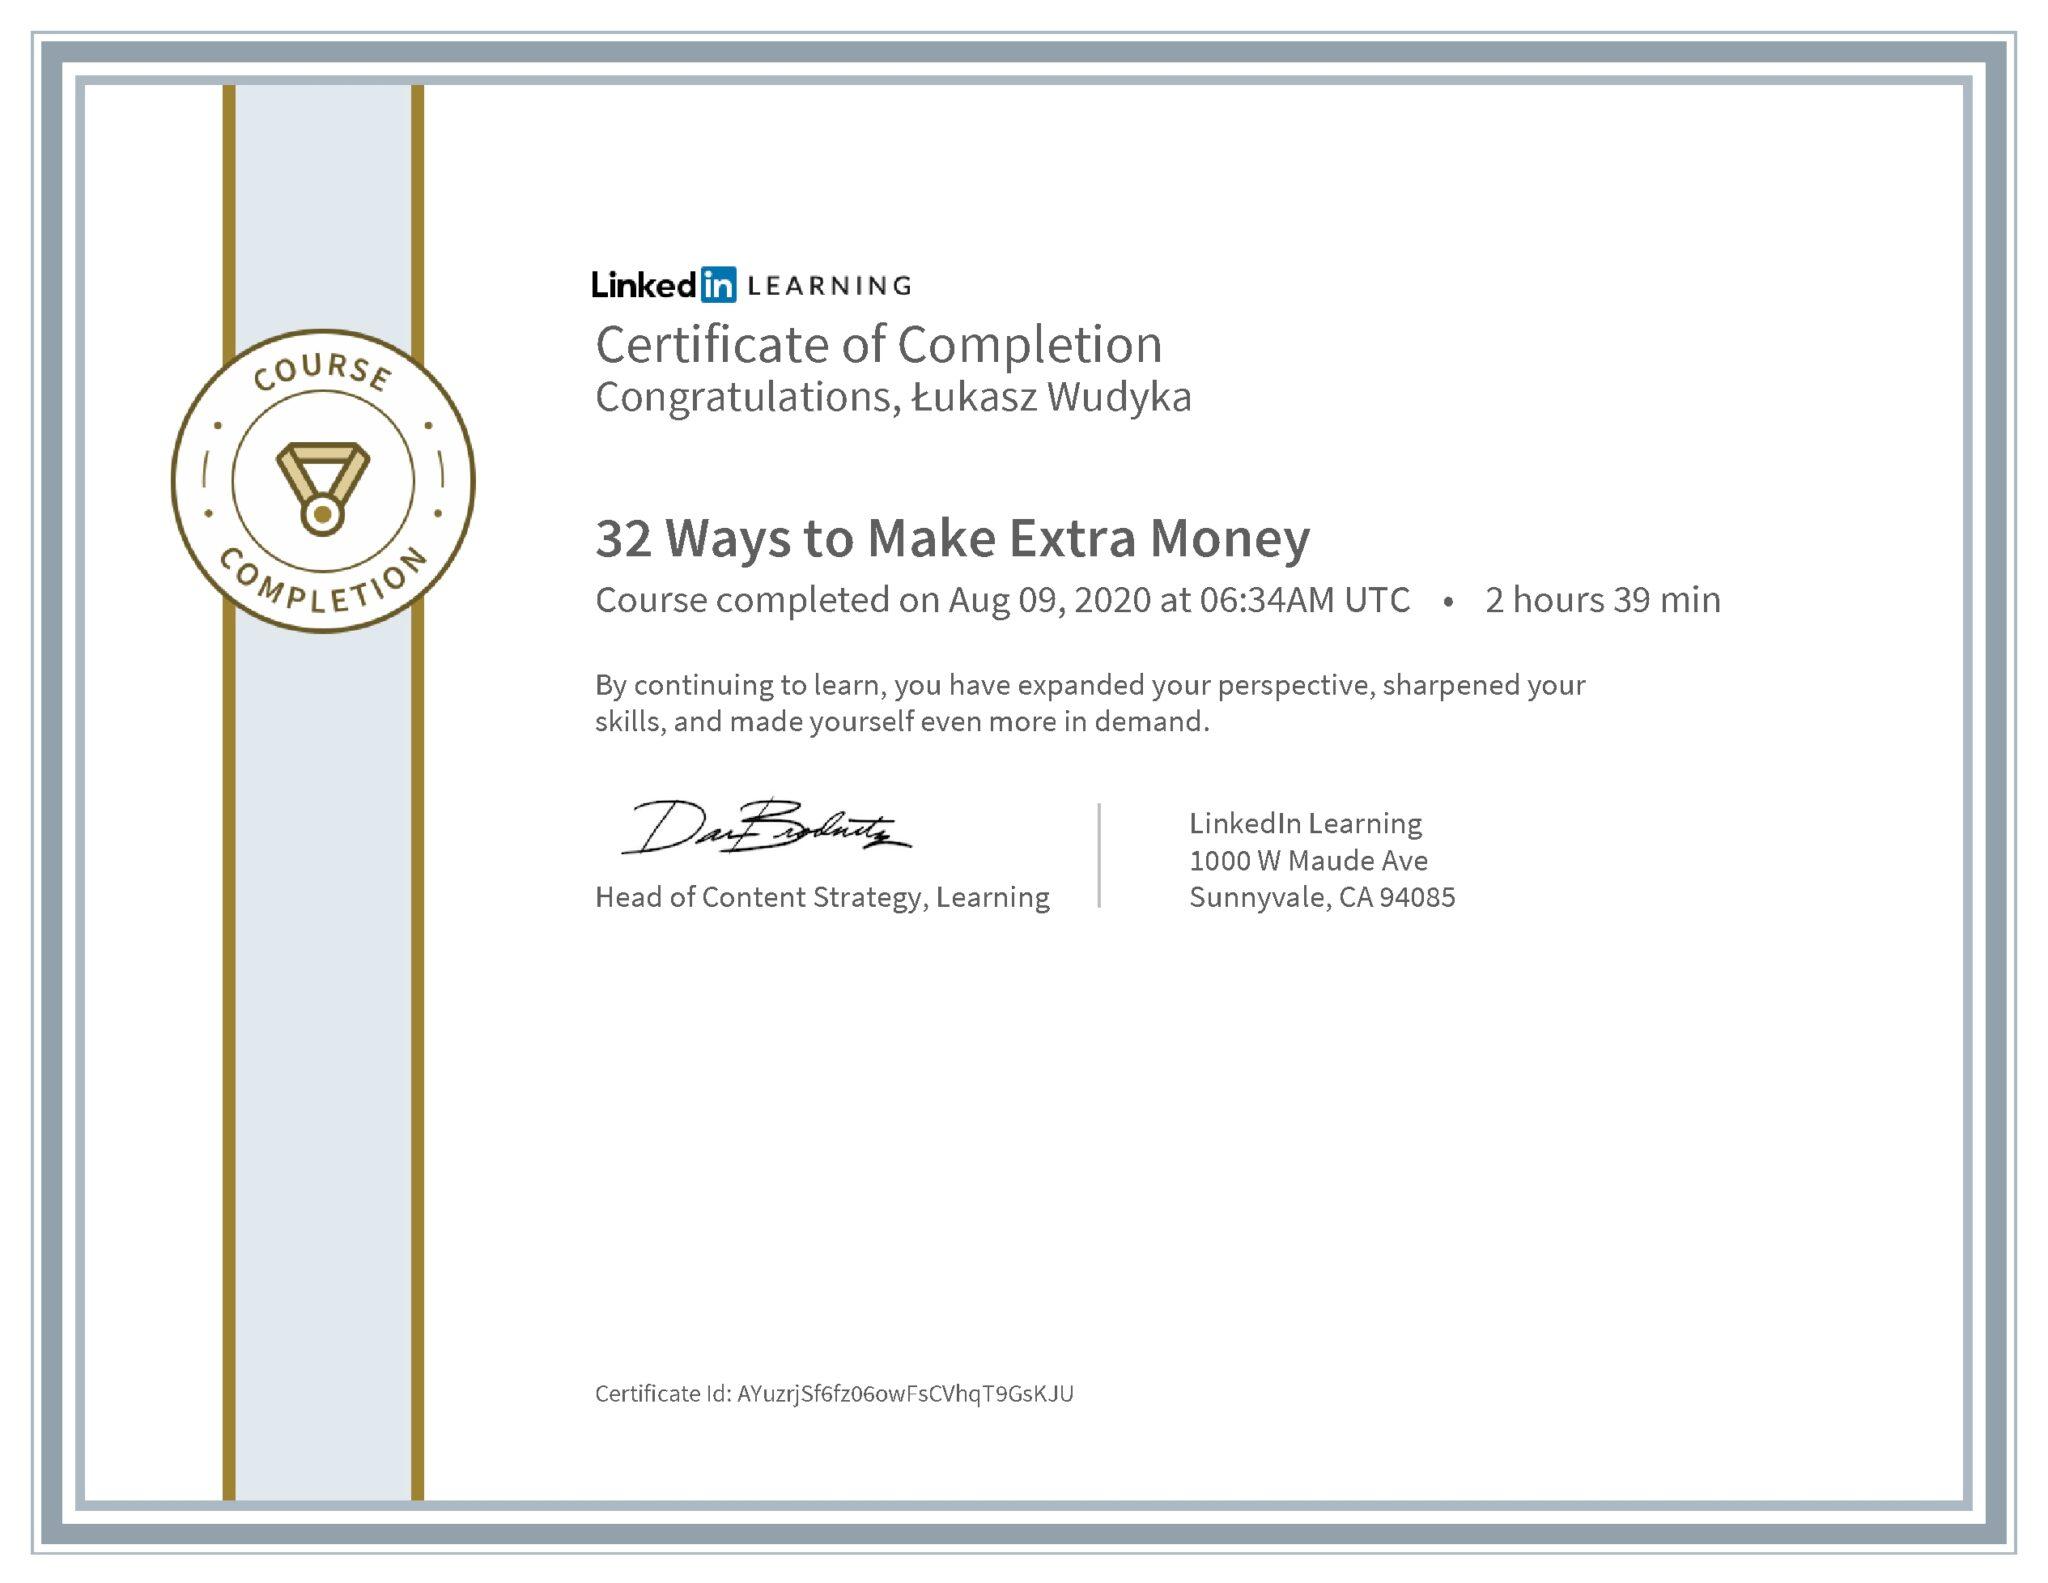 Łukasz Wudyka certyfikat LinkedIn 32 Ways to Make Extra Money